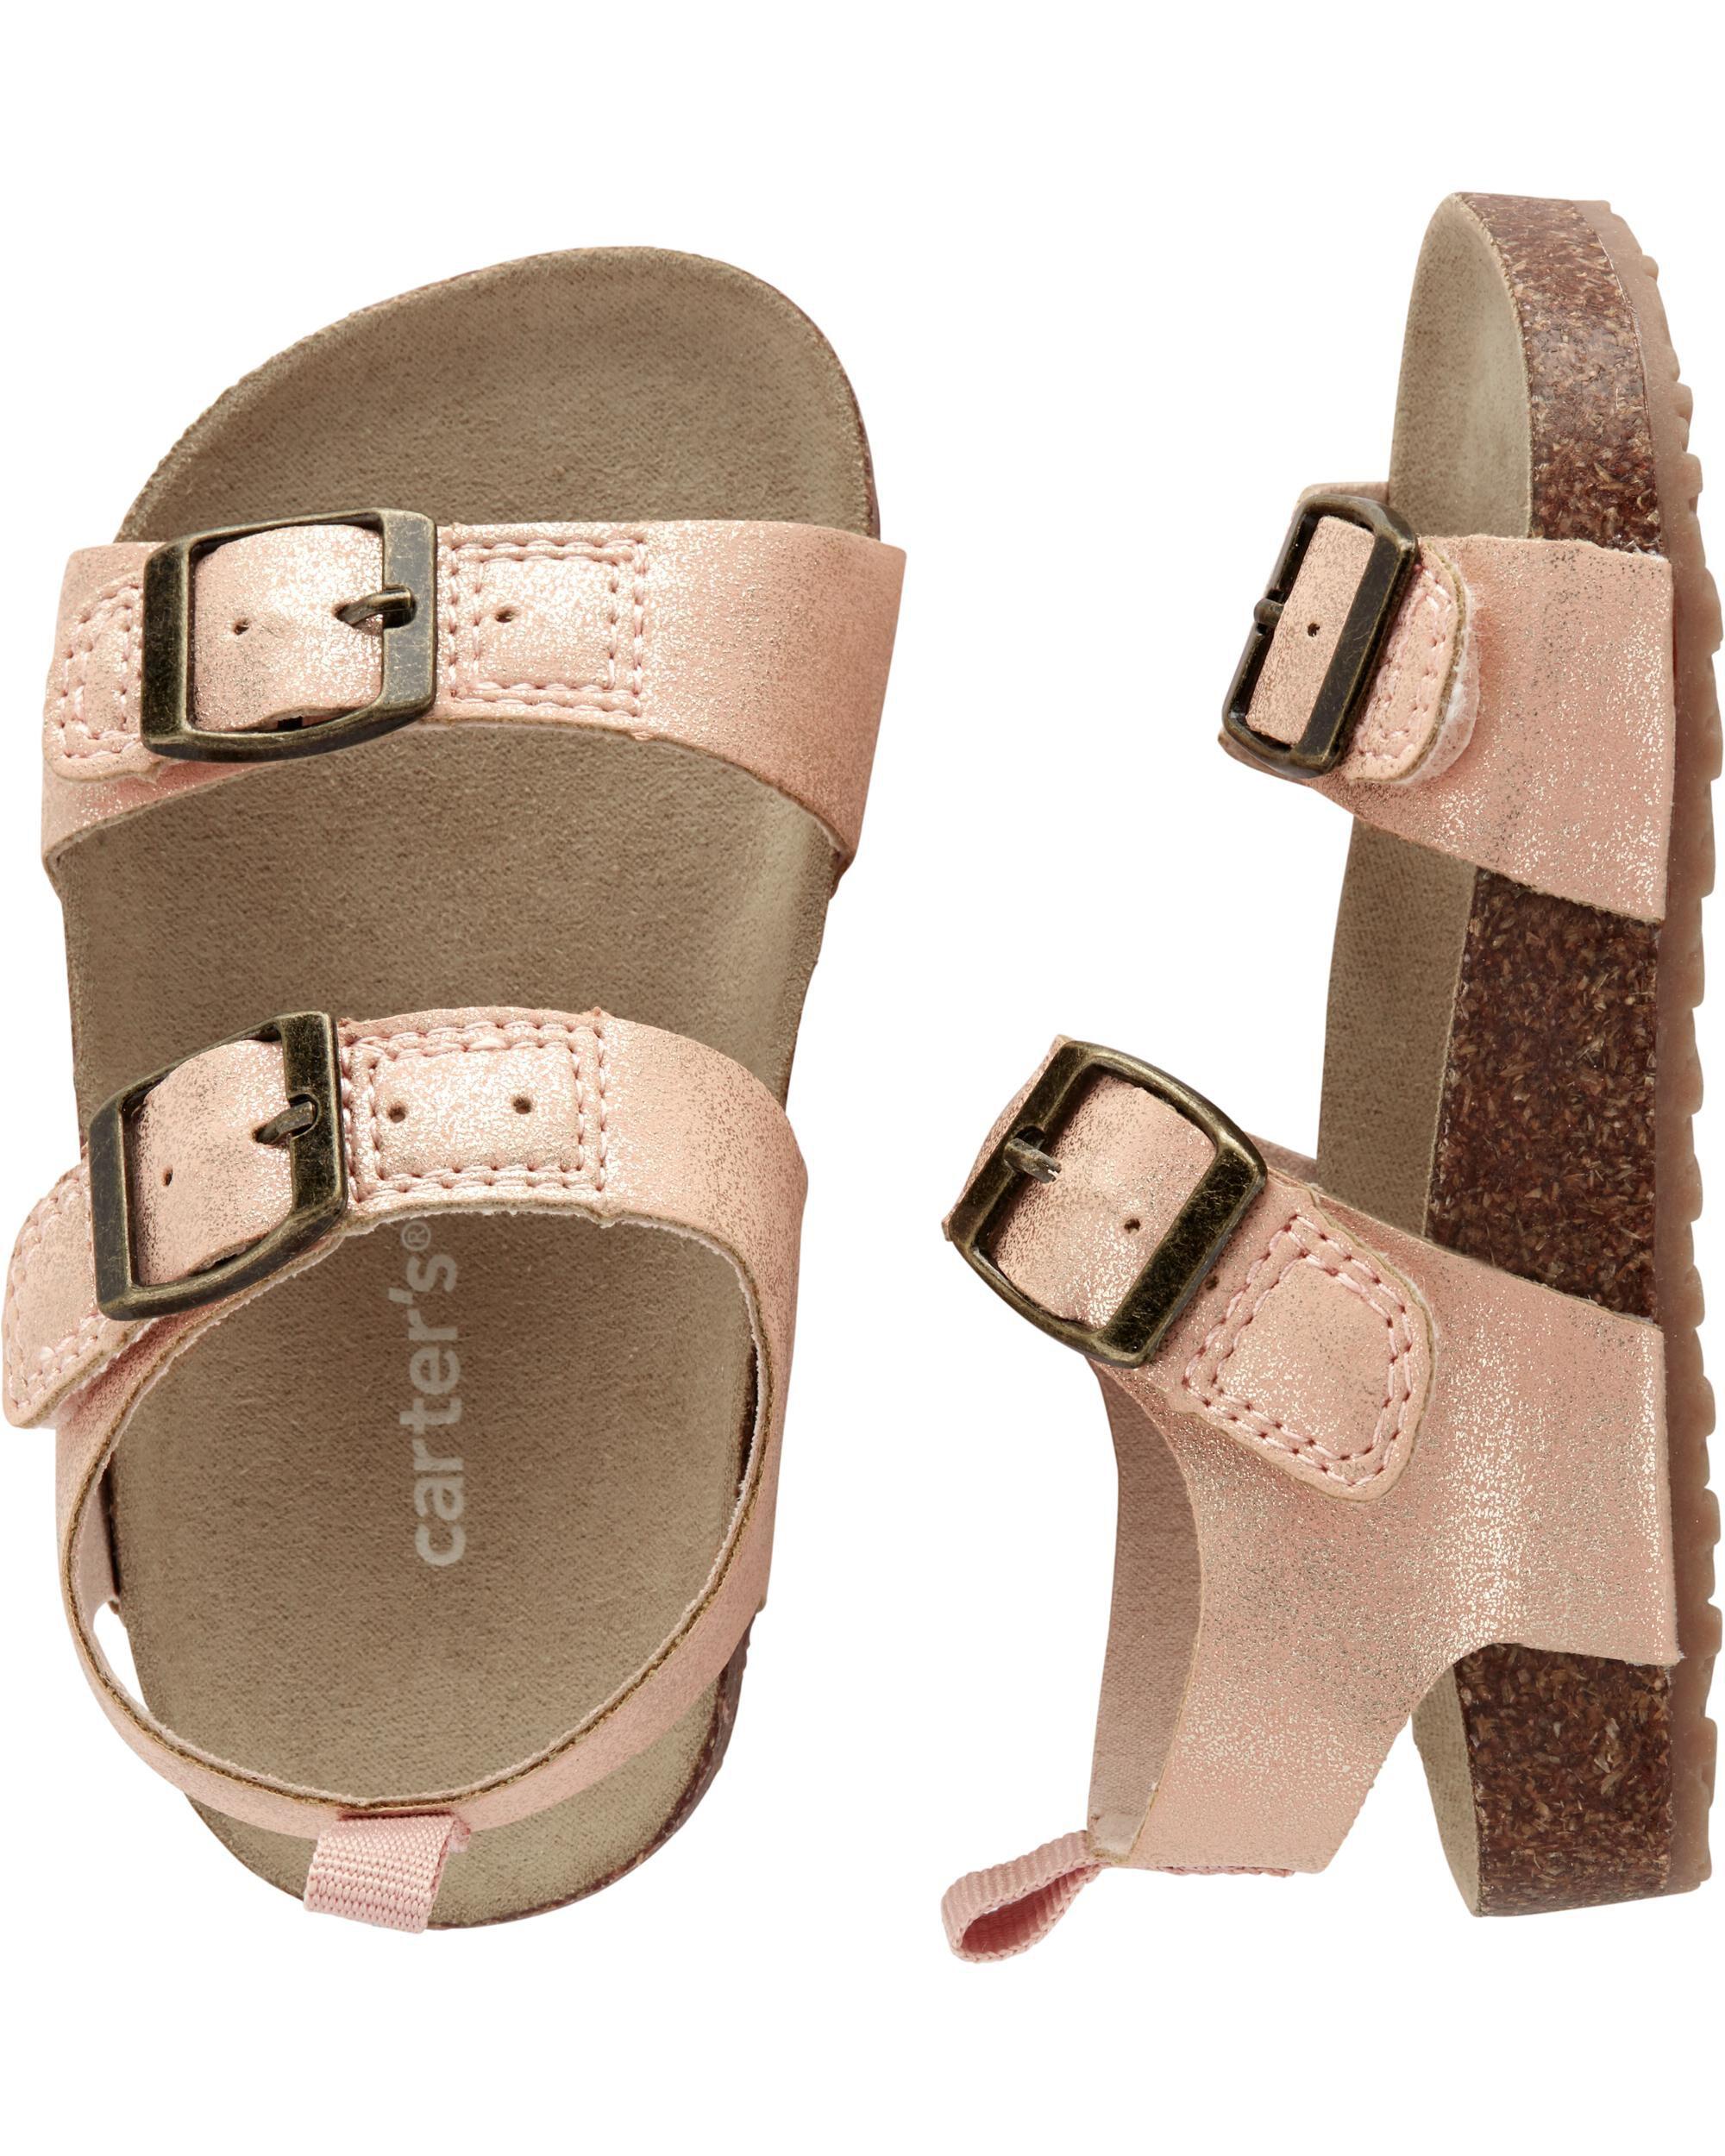 Carter's Buckle Cork Sandals | carters.com